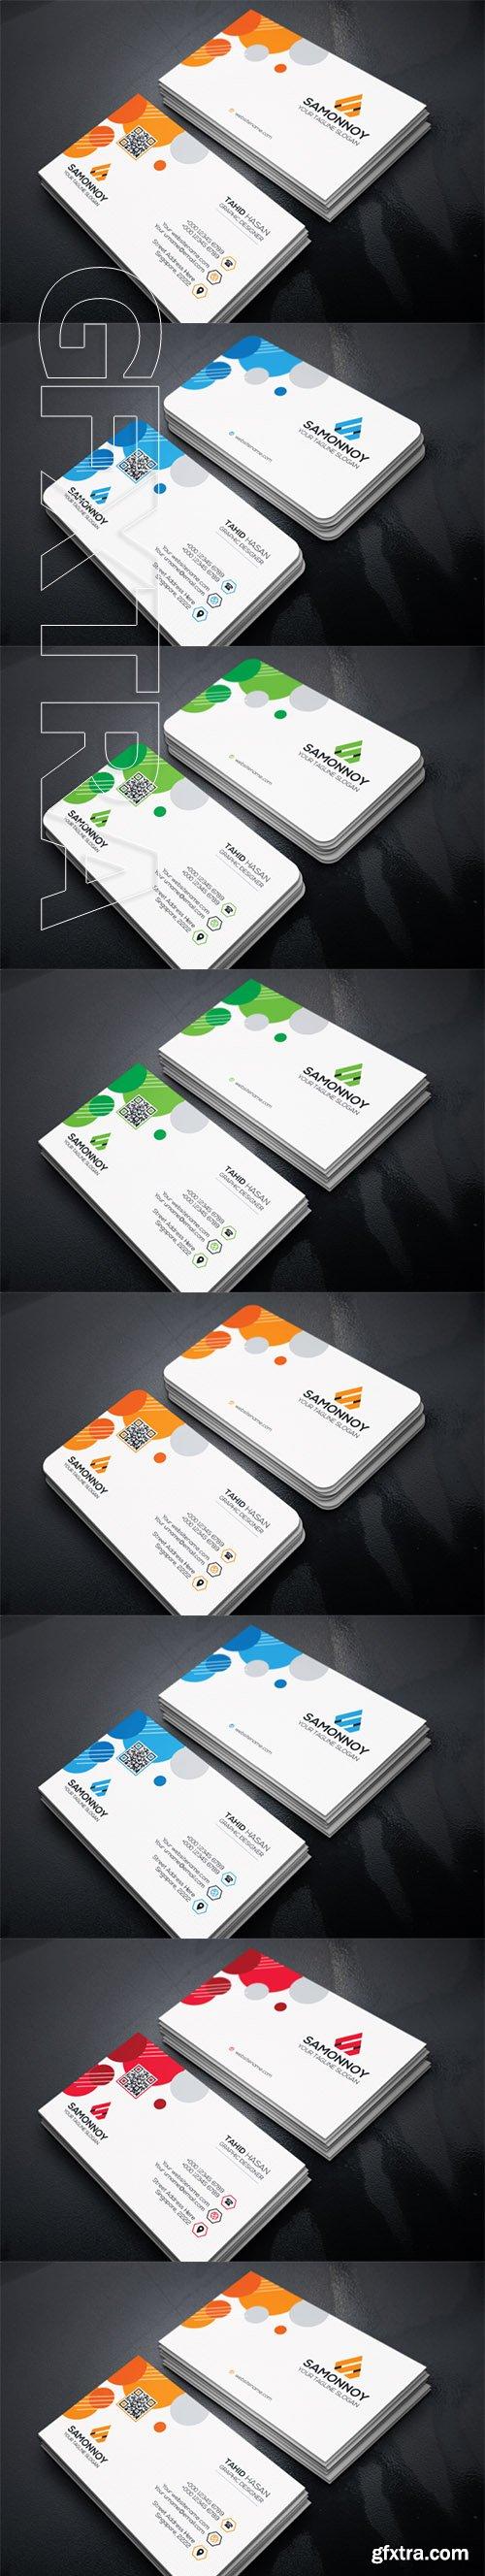 Business Card v.2